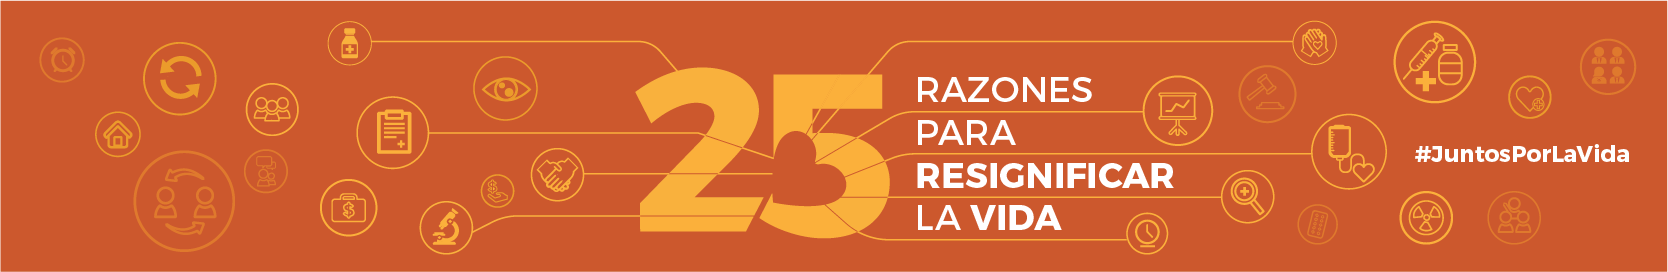 25-razones-para-resignificar-la-vida